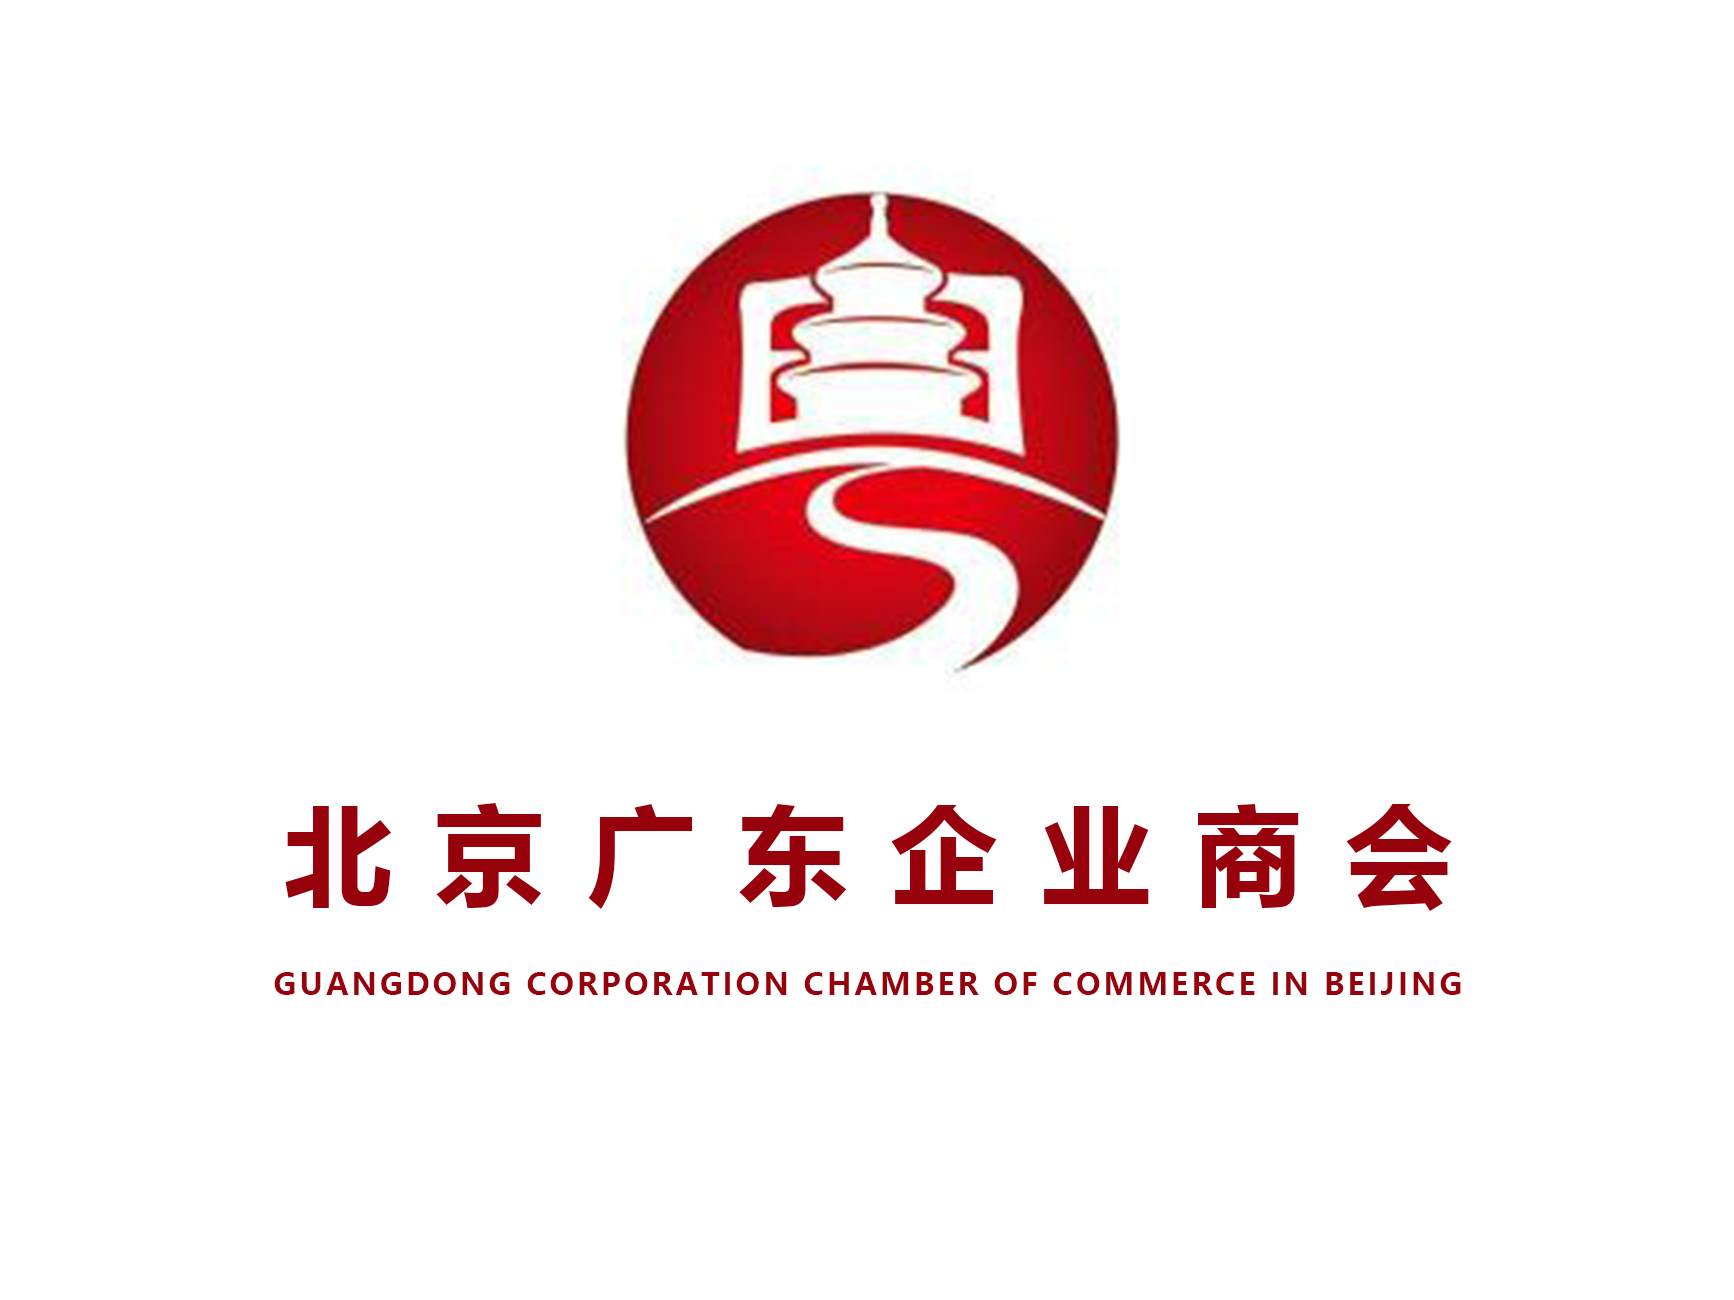 北京广东企业商会——促京粤经贸交流